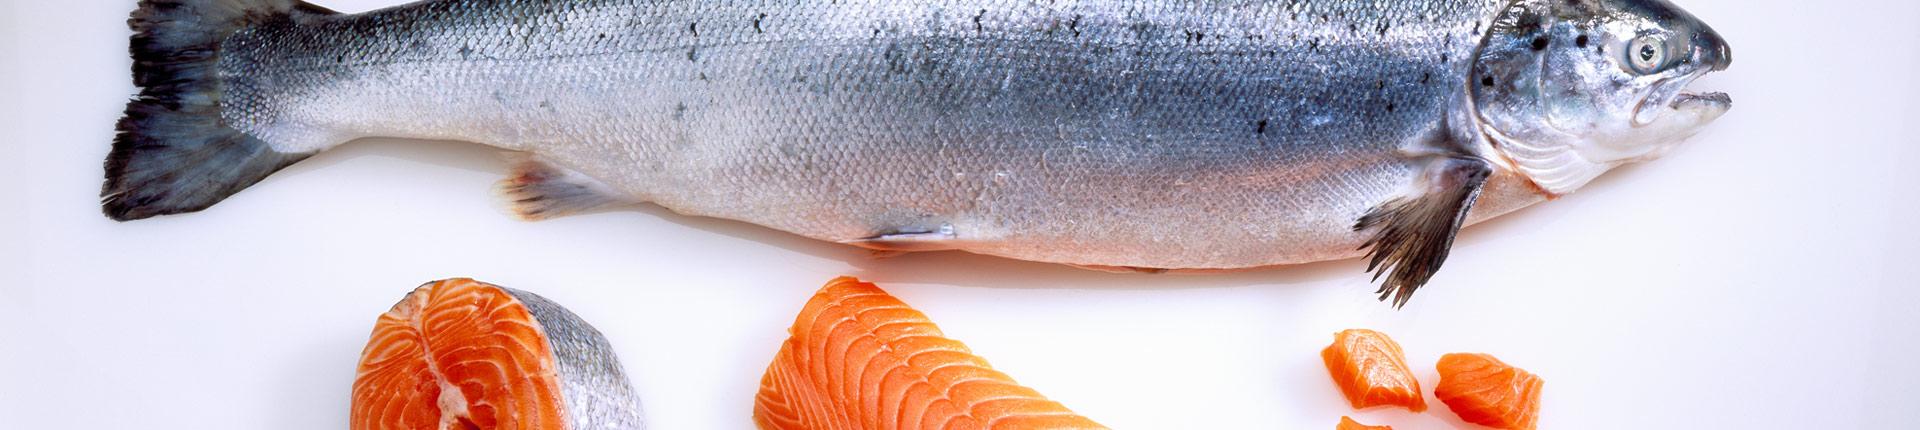 Co powinieneś wiedzieć o łososiu hodowlanym?